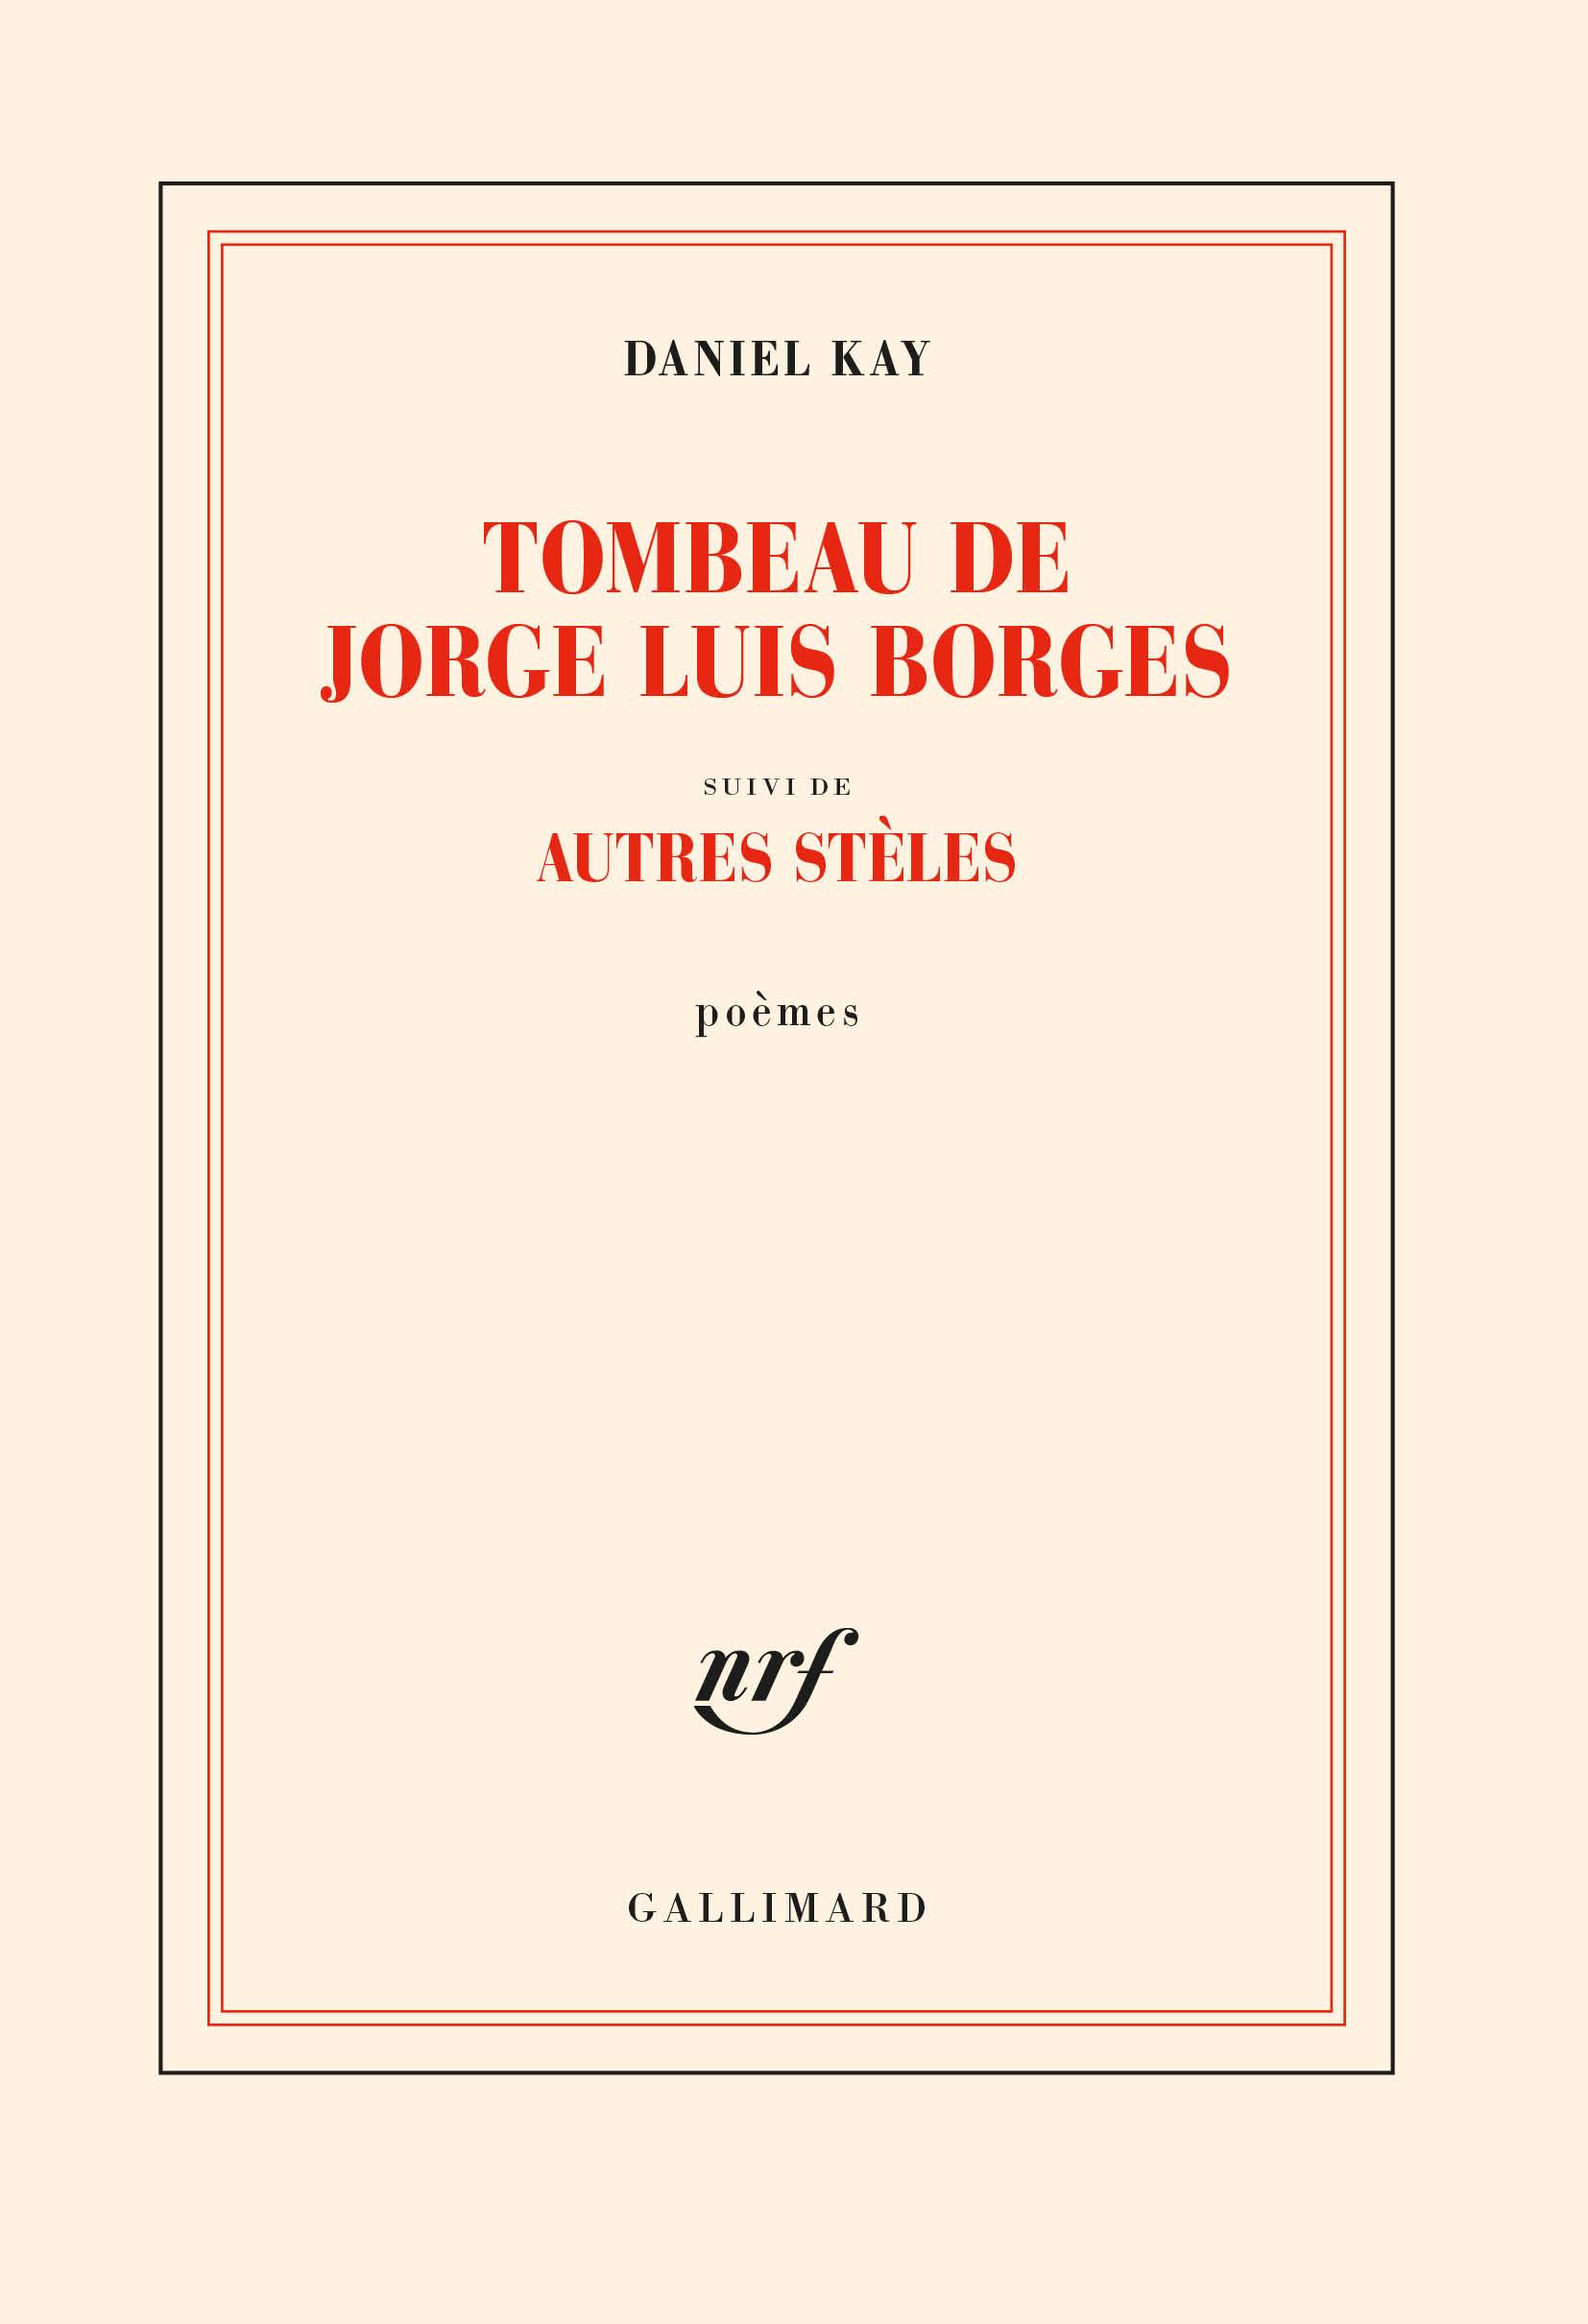 D. Kay, Tombeau de Jorge Luis Borges, suivi d'Autres stèles